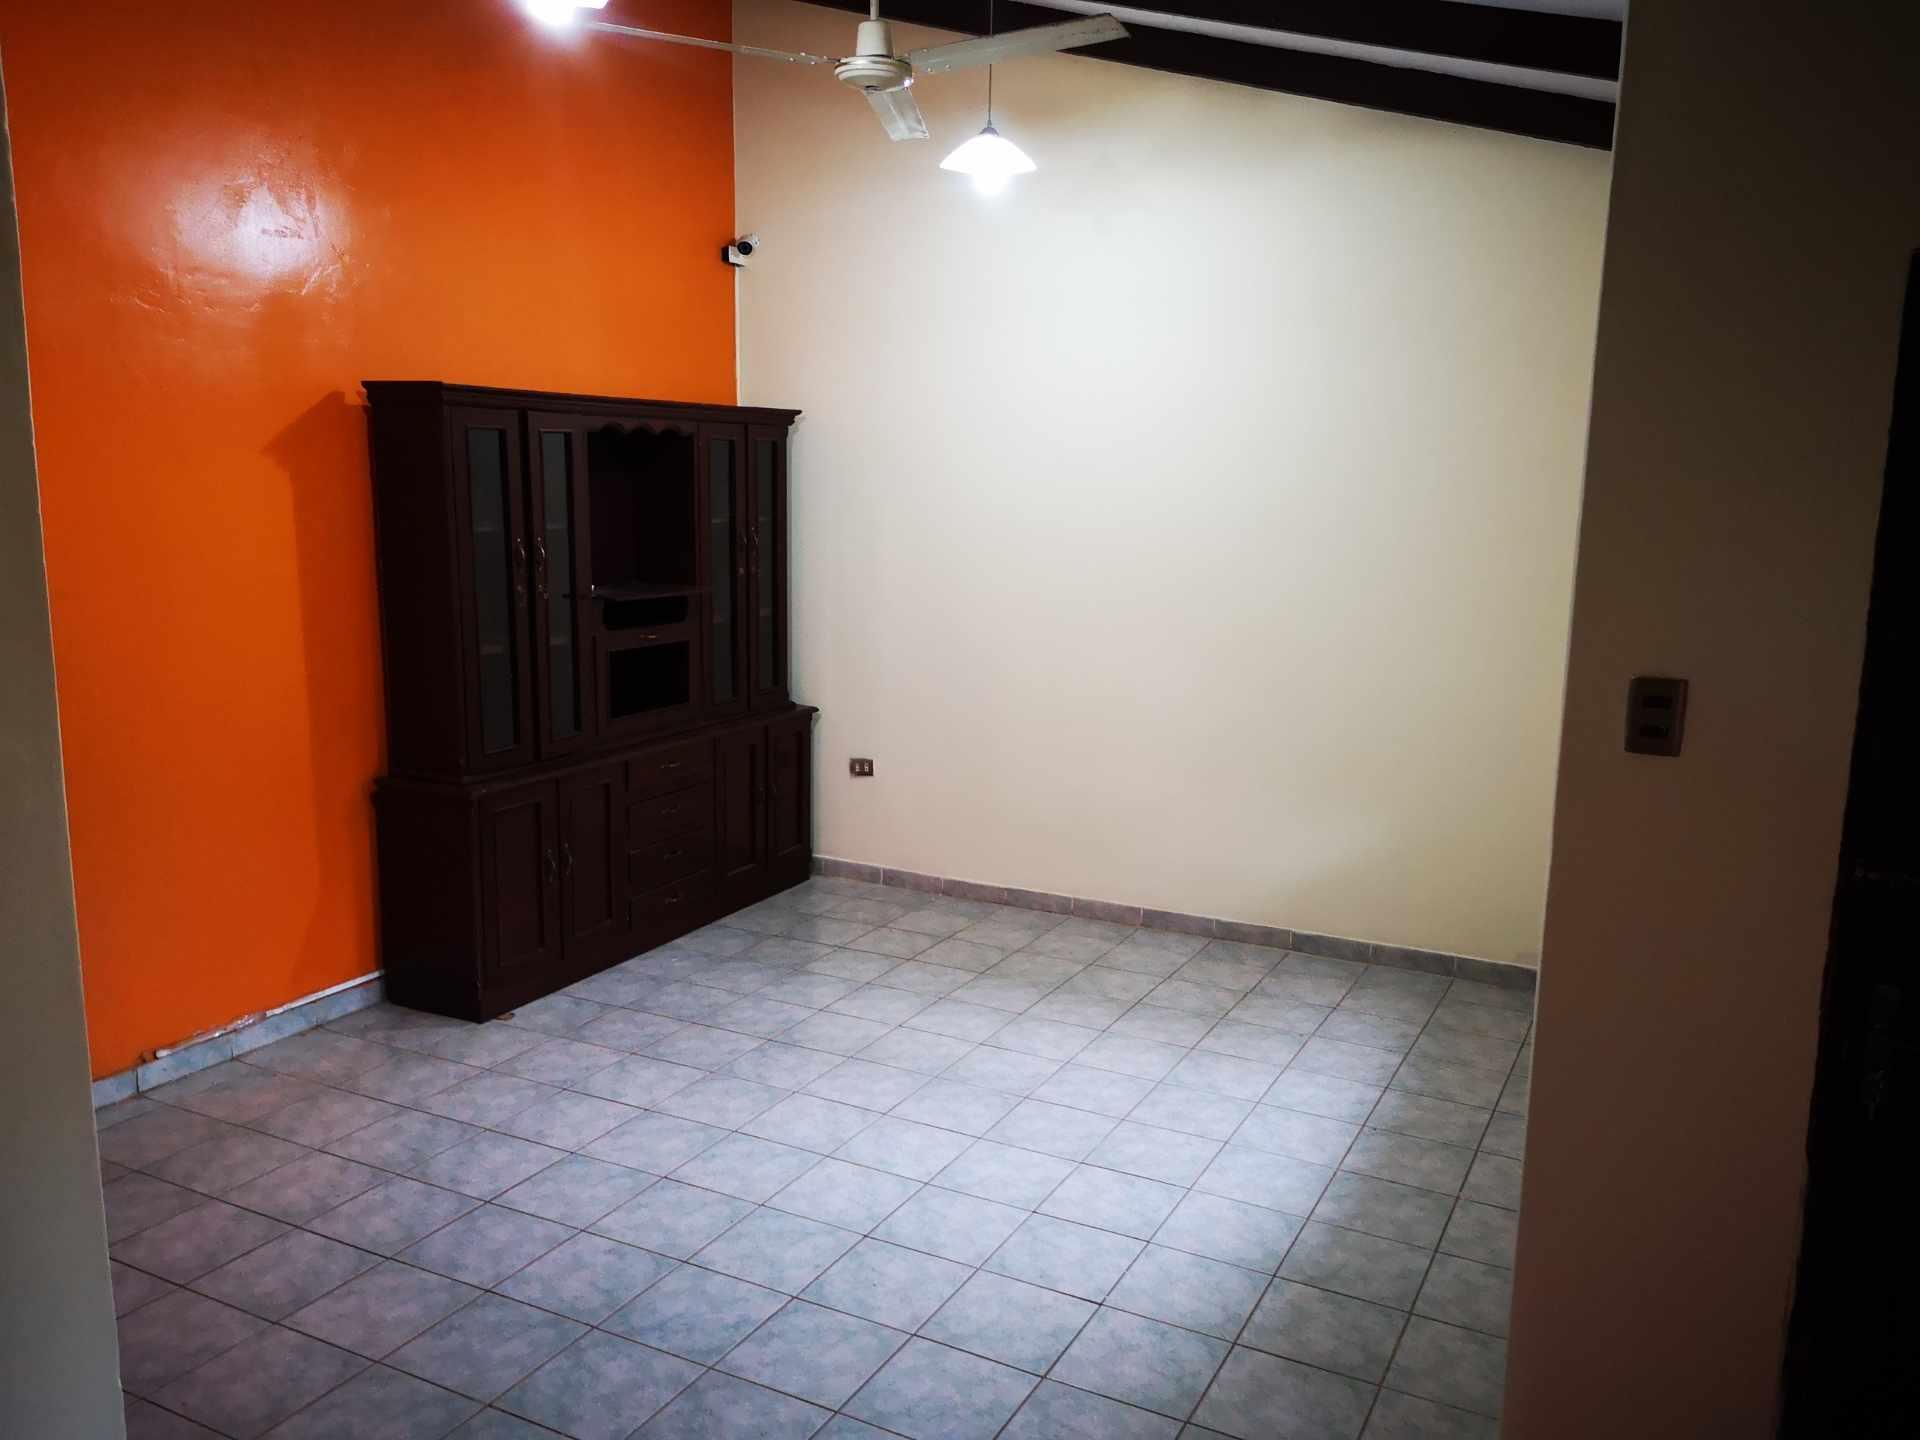 Casa en Alquiler Entre 4to y 5to anilo, entre Radial 10 y Av Sudamericana Calle Asoka Foto 9